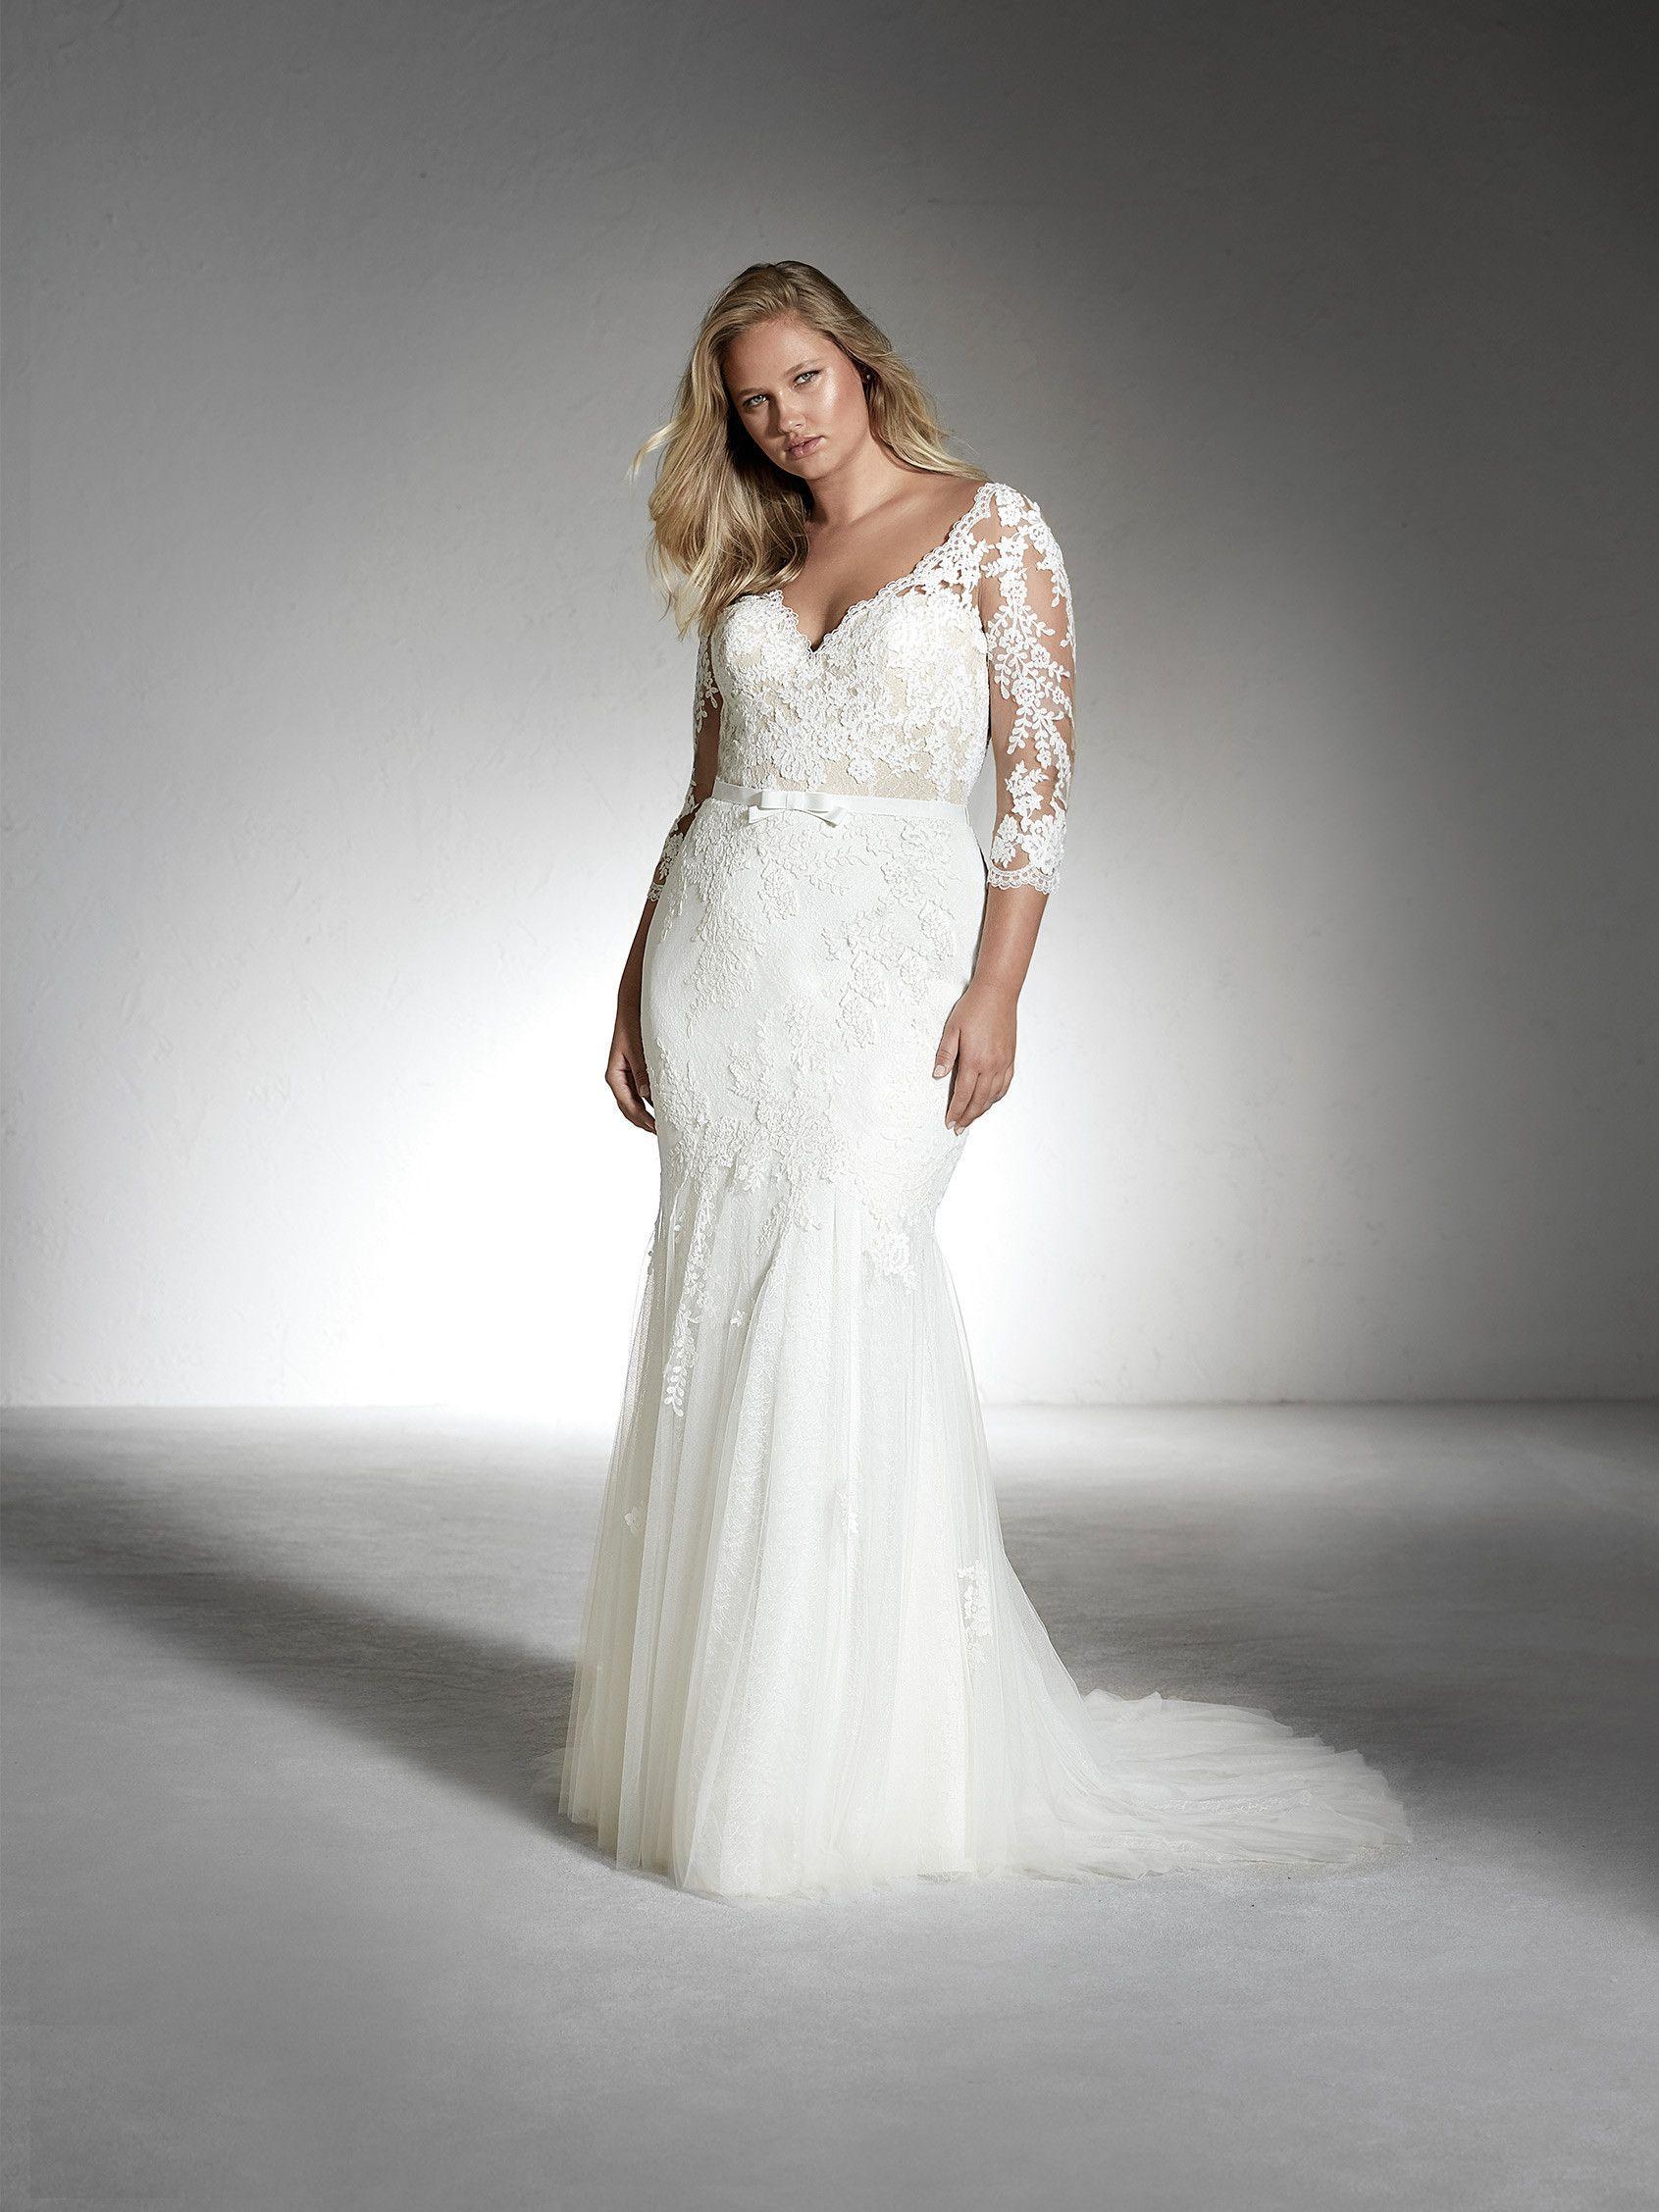 Cheap wedding dresses plus size  FE PLUS Vneck plussize wedding dress with rhinestones cheap  St